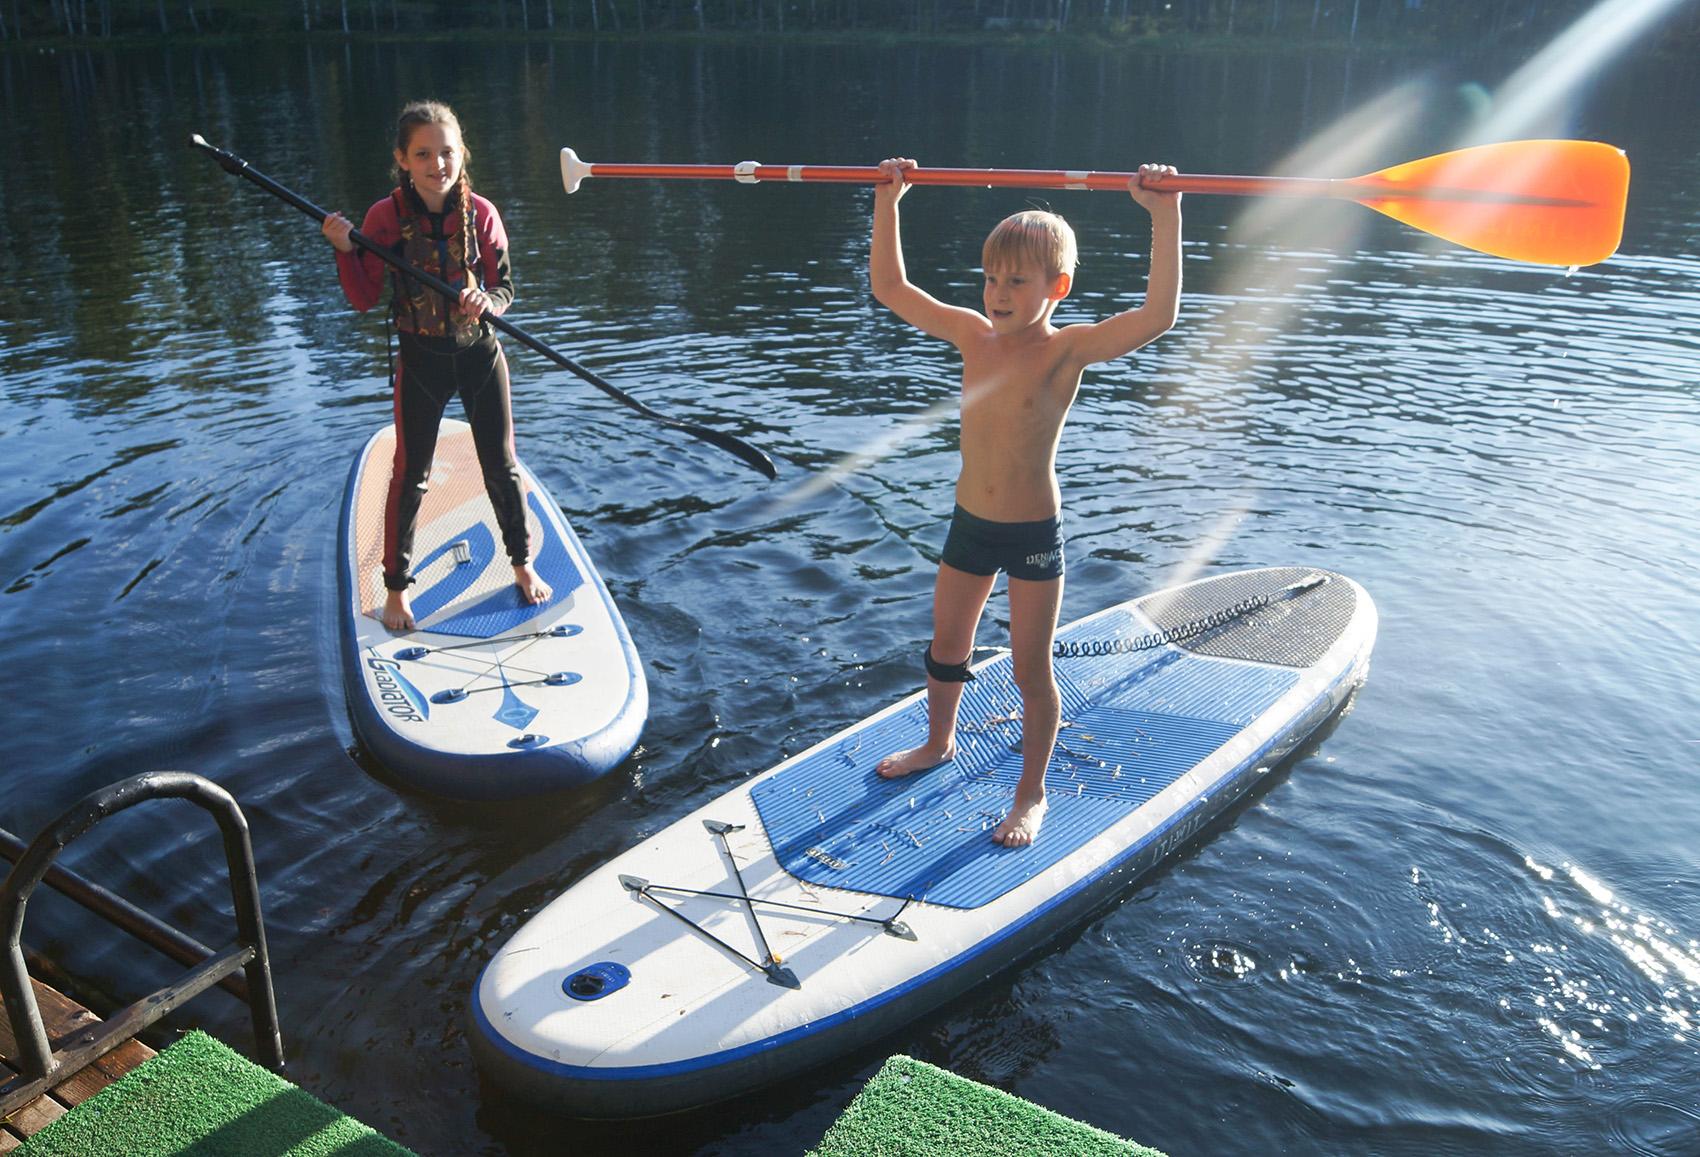 П'яні відпочивальники, плавці-екстримали та нерозважливі діти – прикарпатські рятувальники продовжують нести чергування біля водойм області